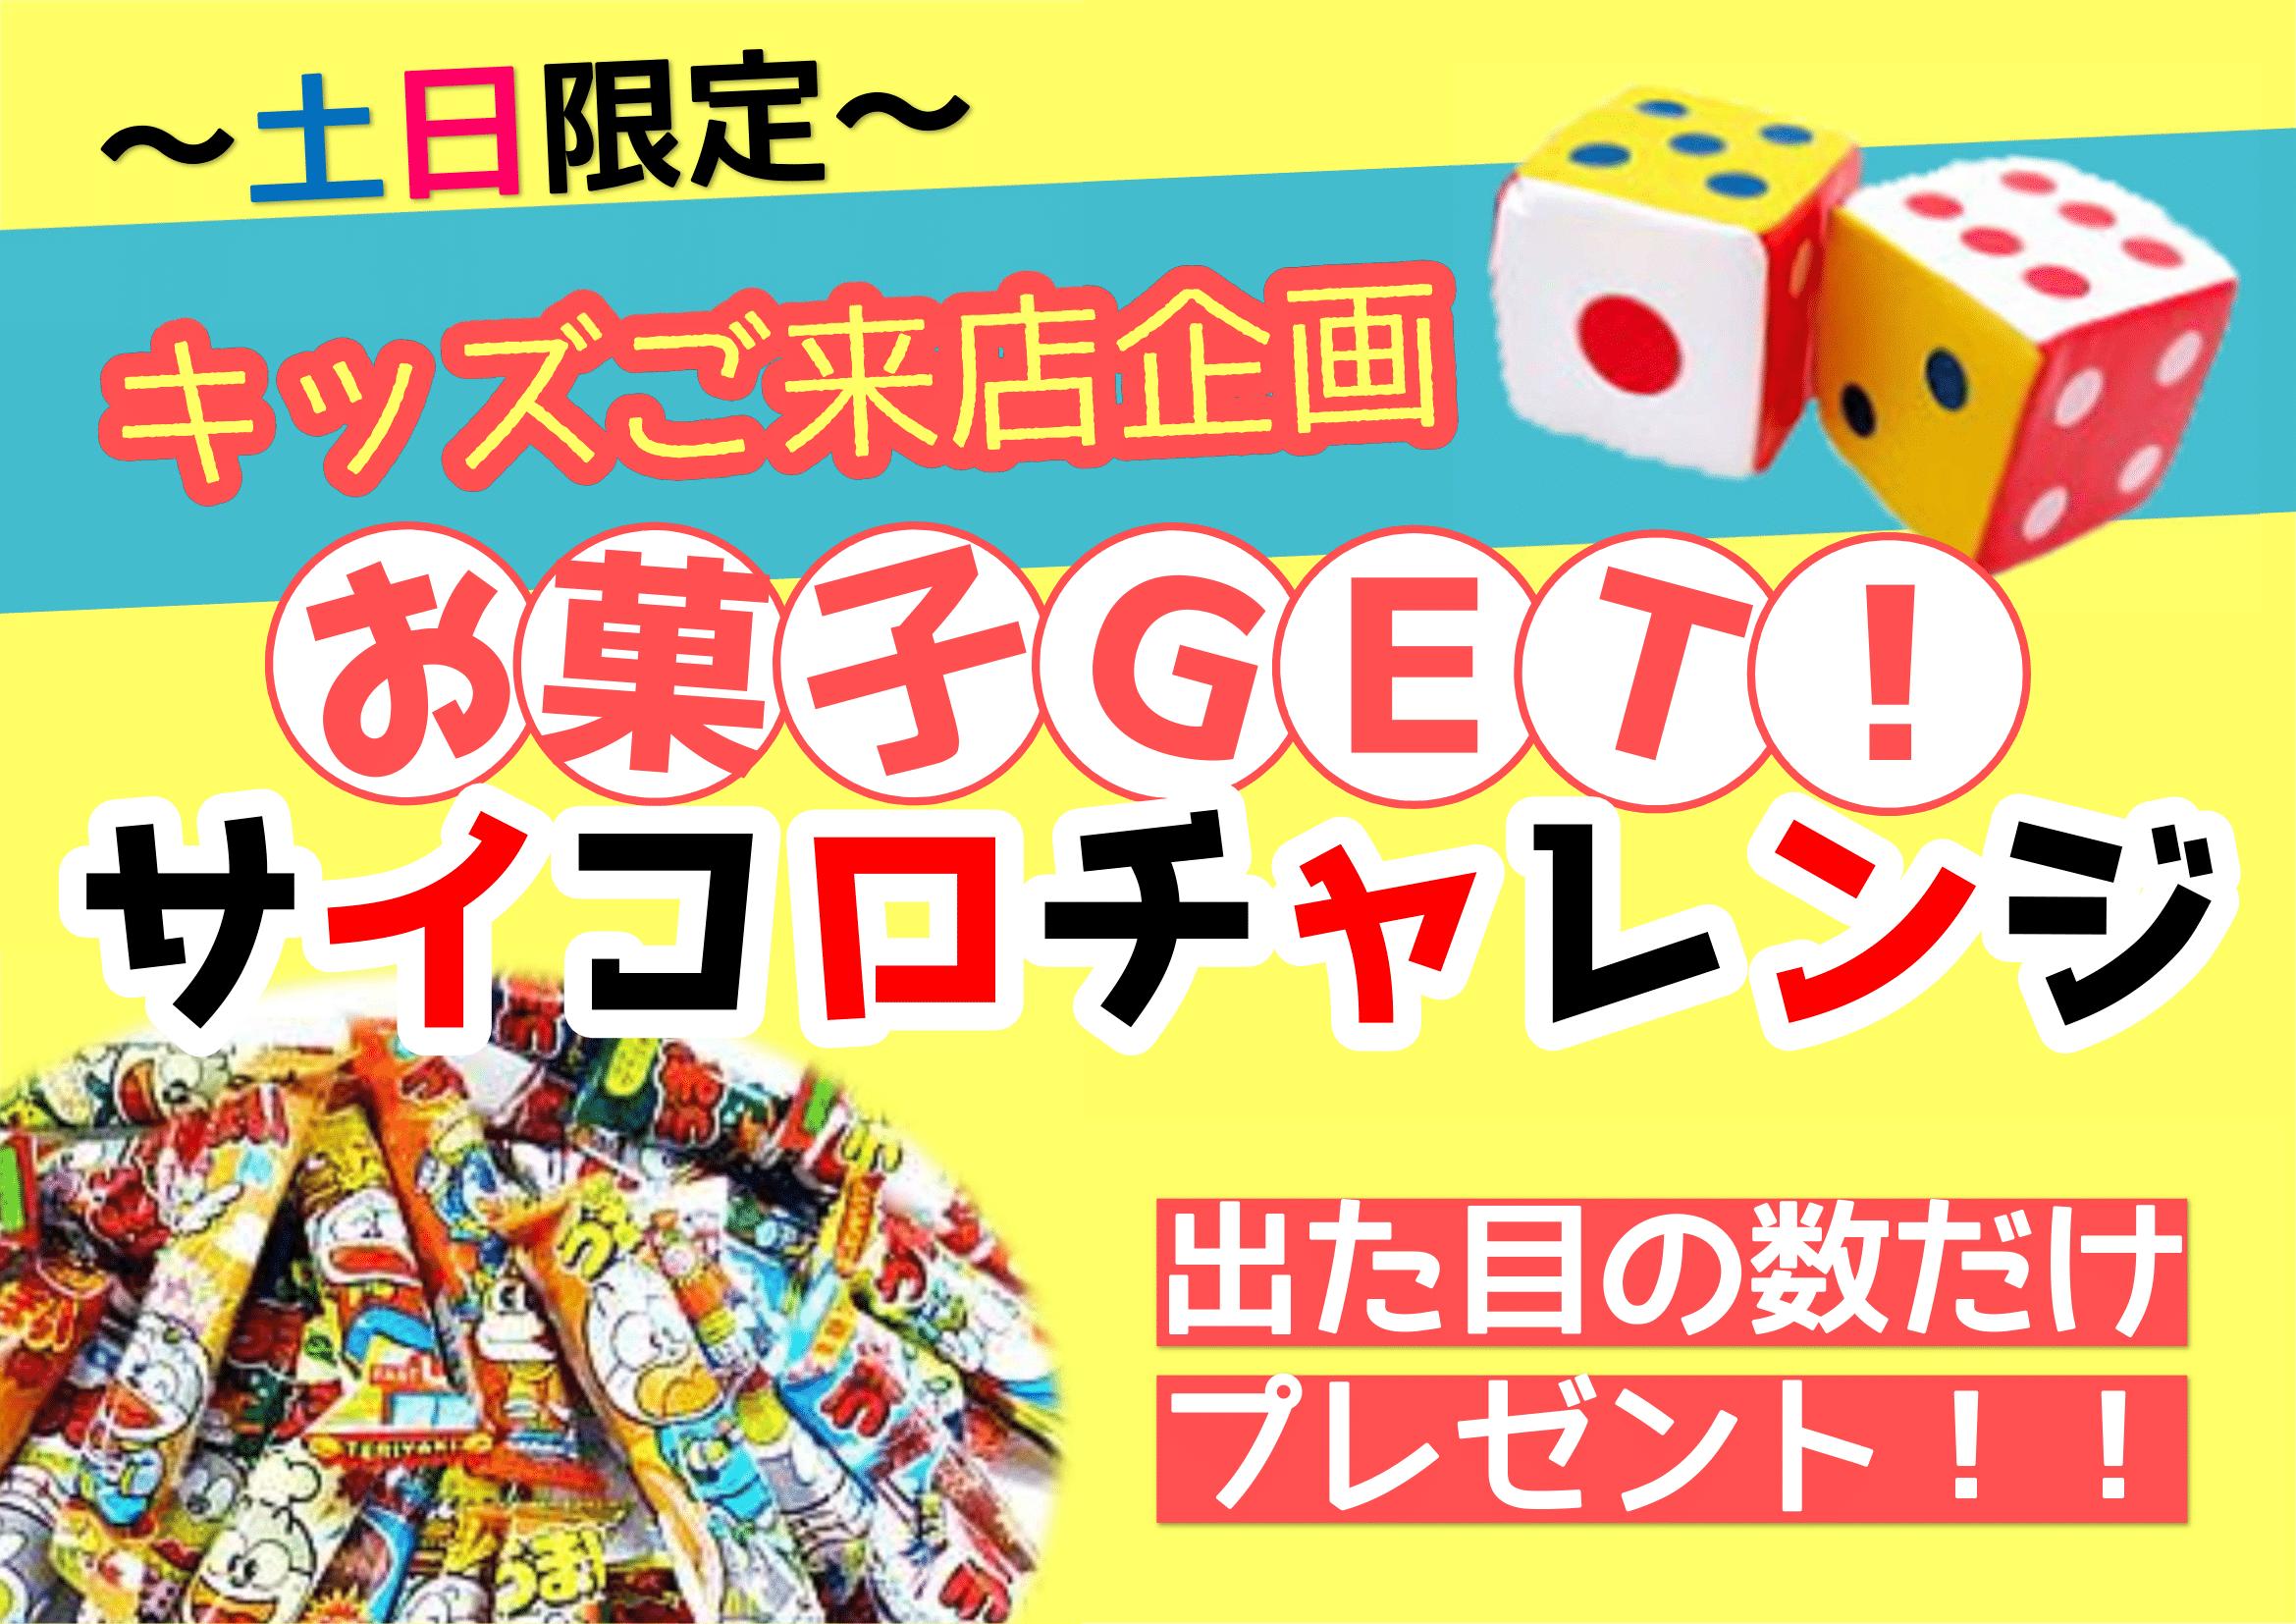 """キッズご来店企画""""お菓子GET!サイコロチャレンジ"""" 青森トヨペット弘前西弘店"""